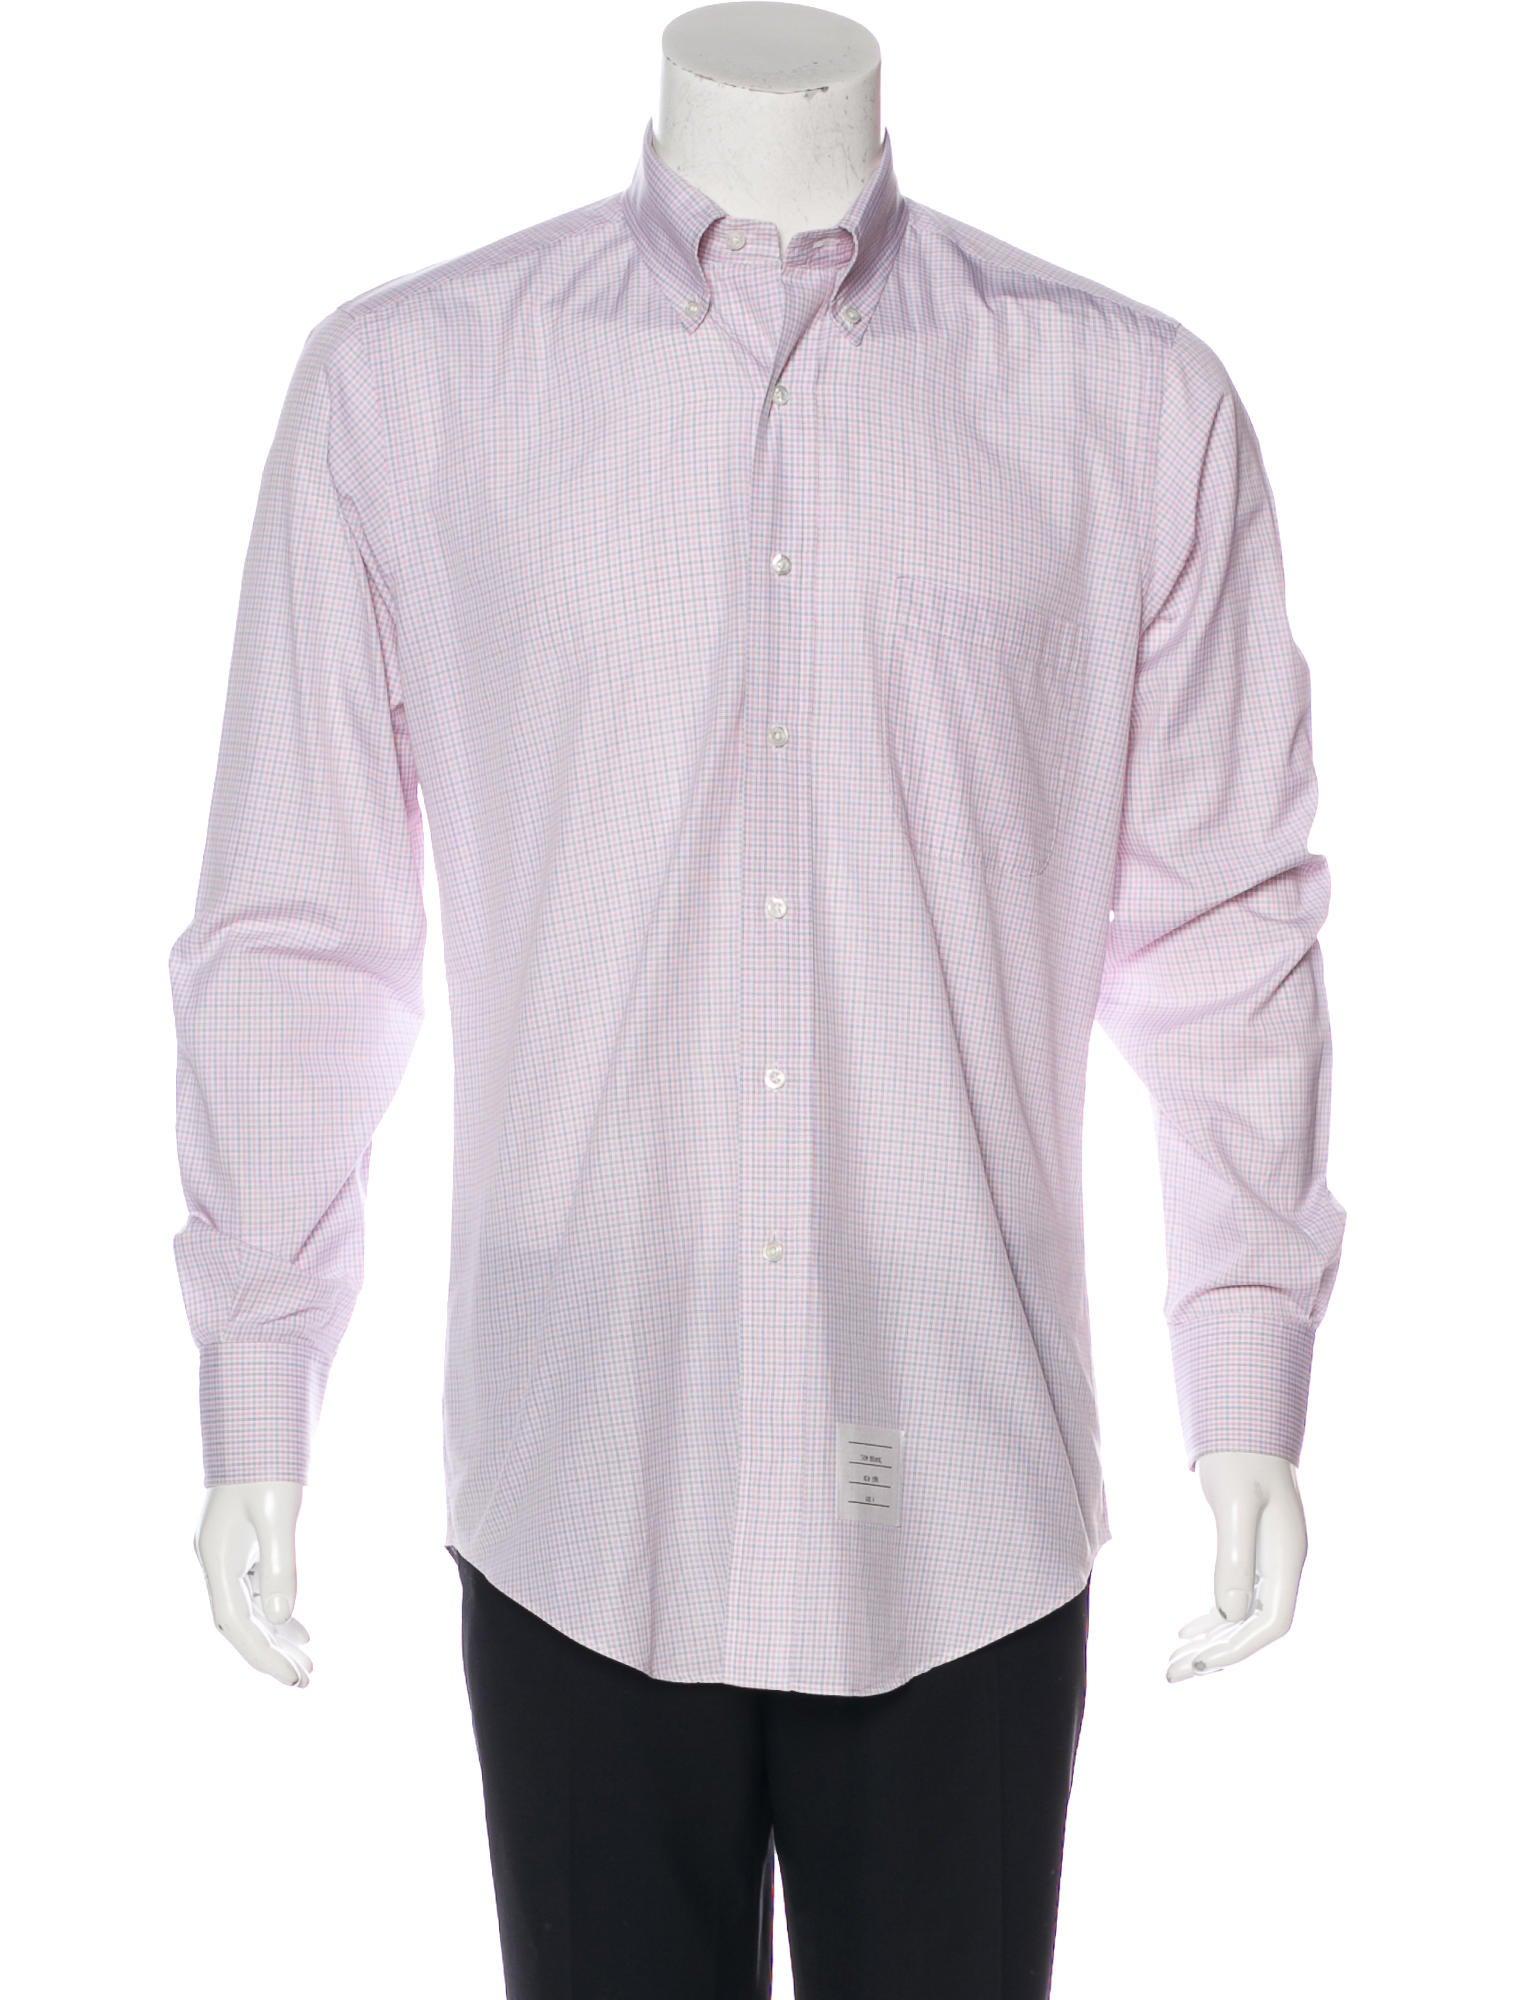 Thom browne plaid dress shirt clothing tho22272 the for Thom browne shirt sale